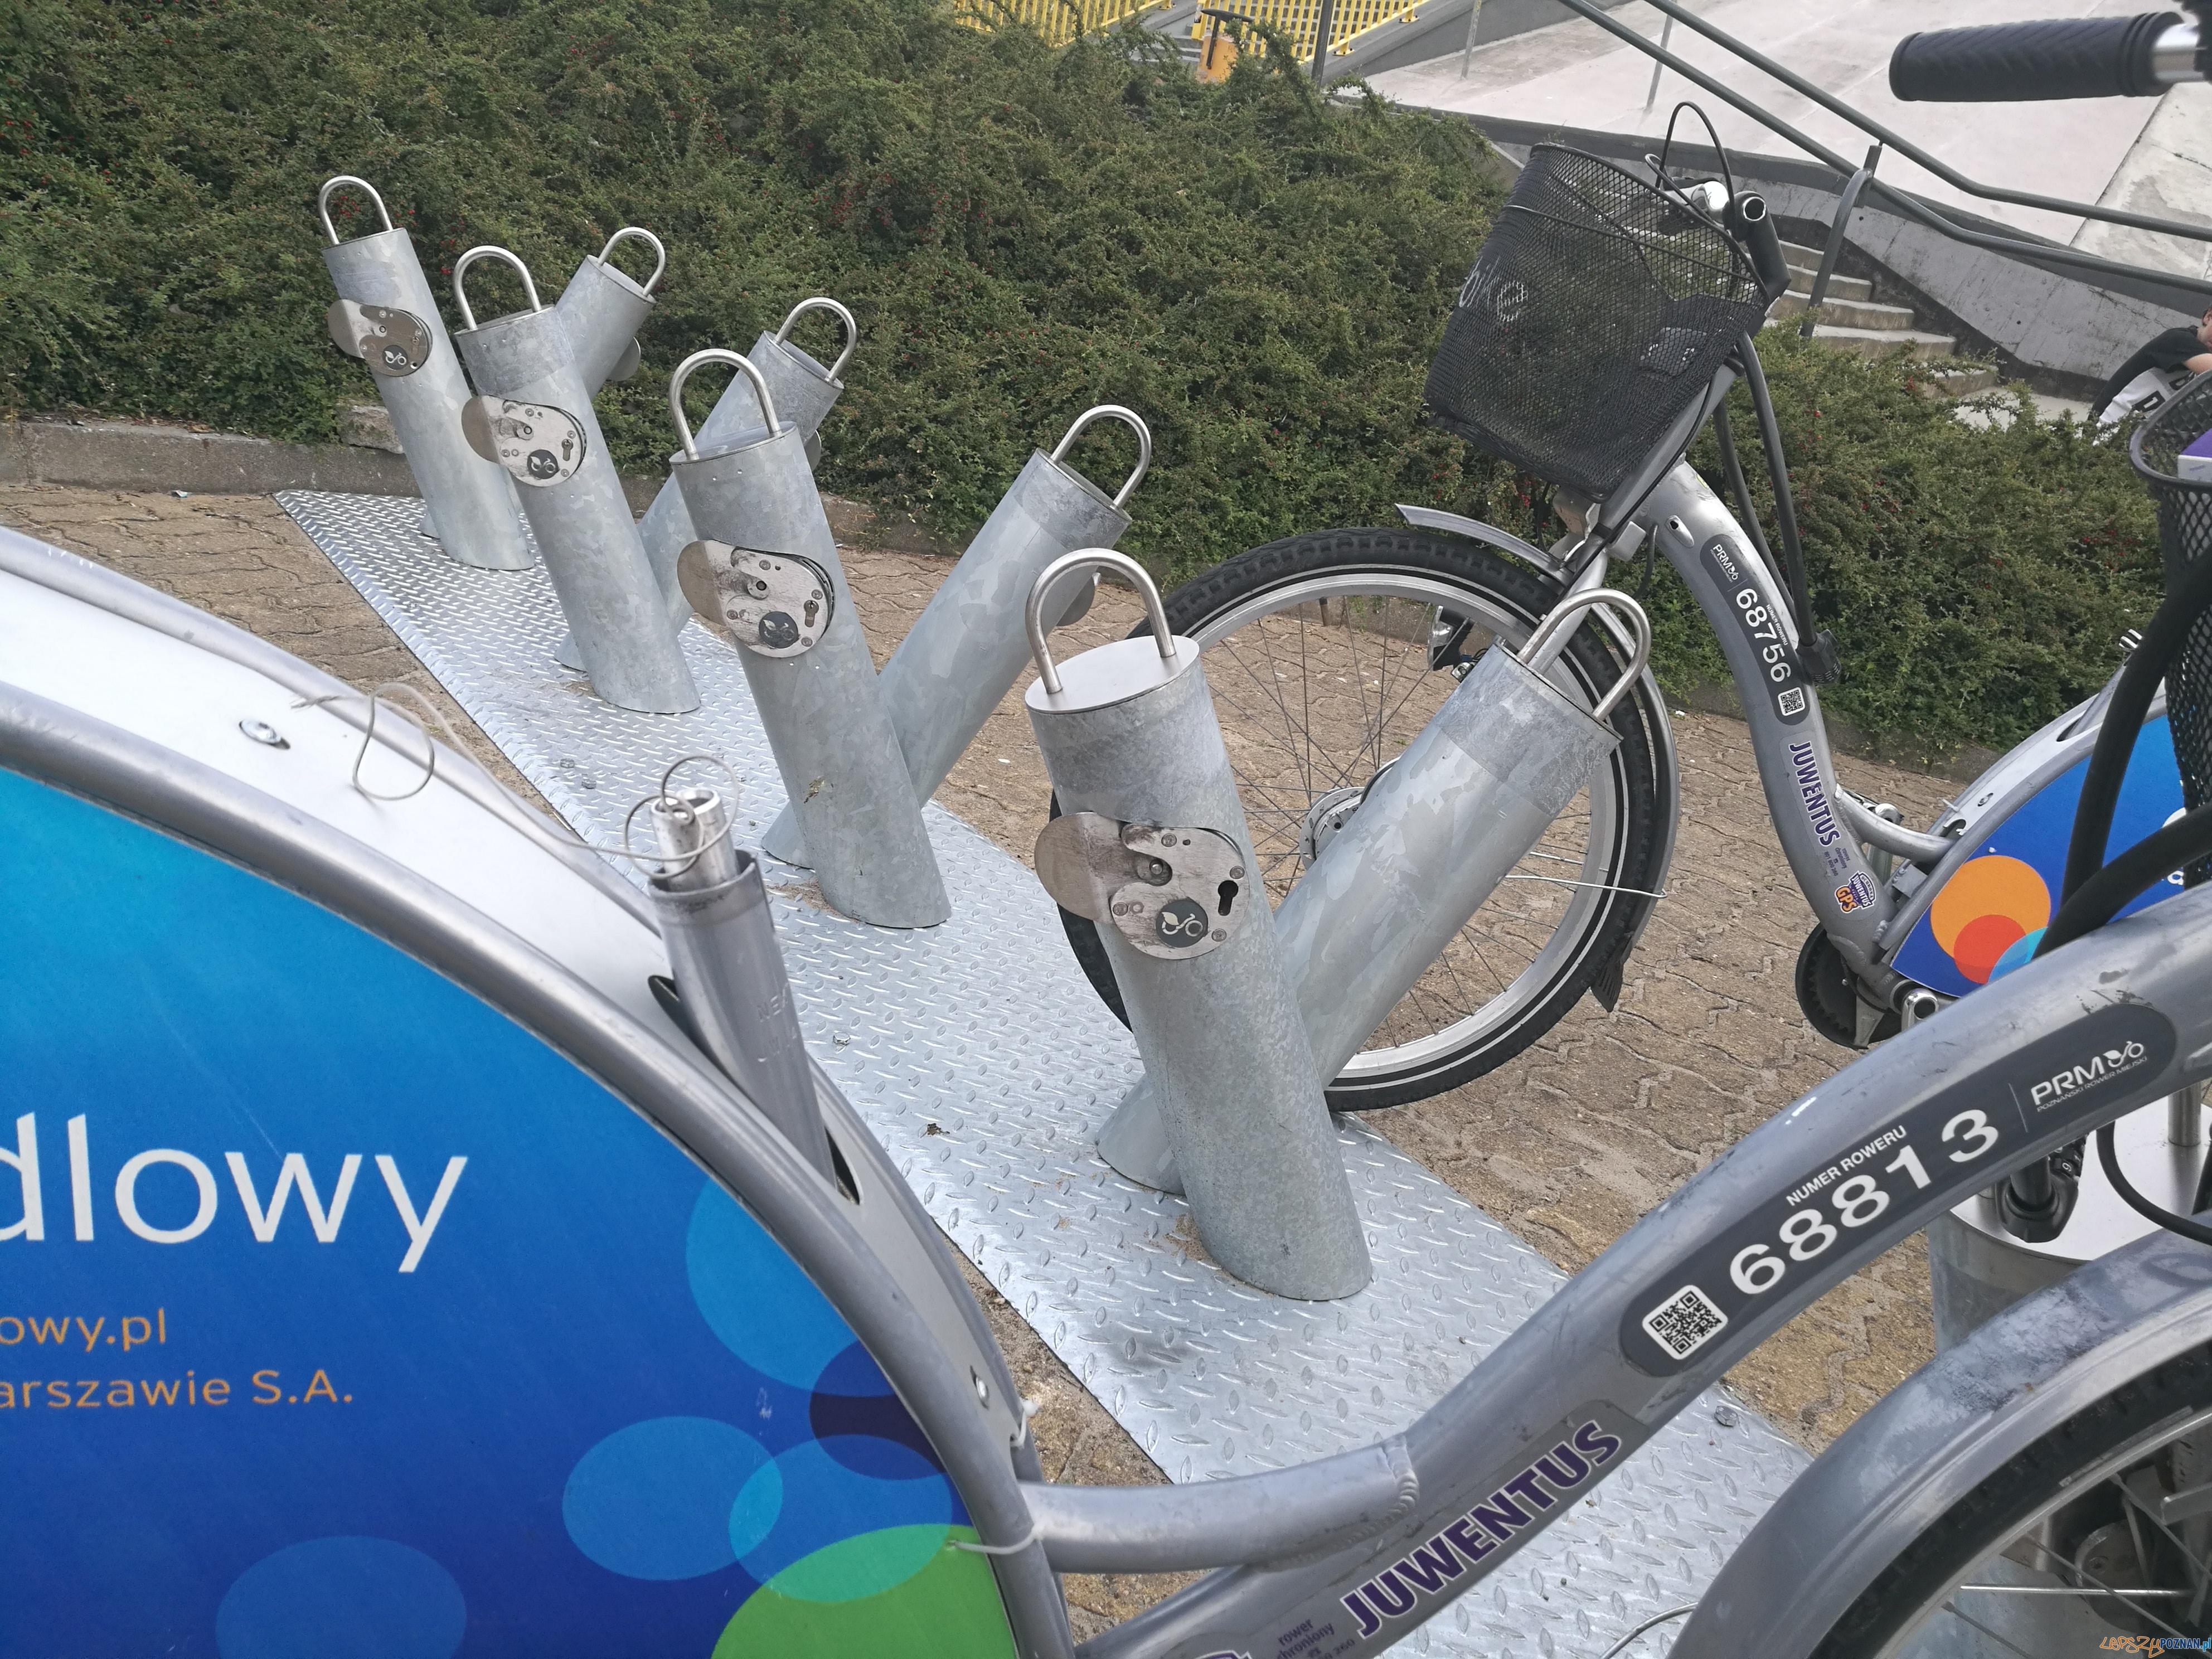 Uszkodzone rowery miejskie  Foto: Marcin